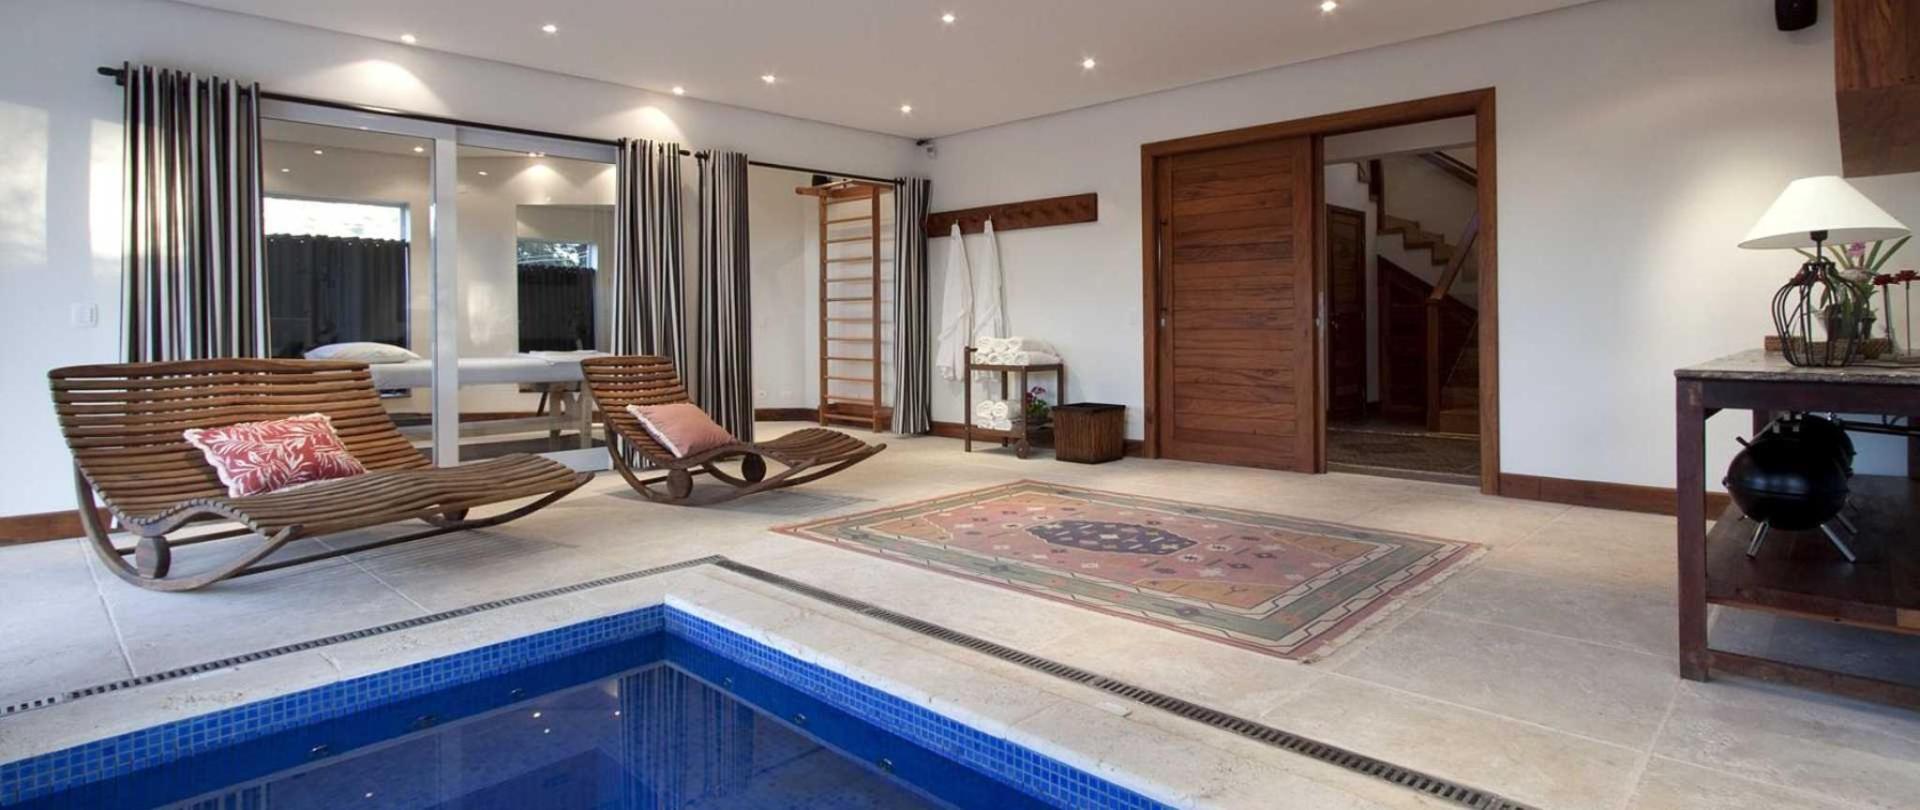 LAH Hostellerie - Campos do Jordão - Brazil.jpg